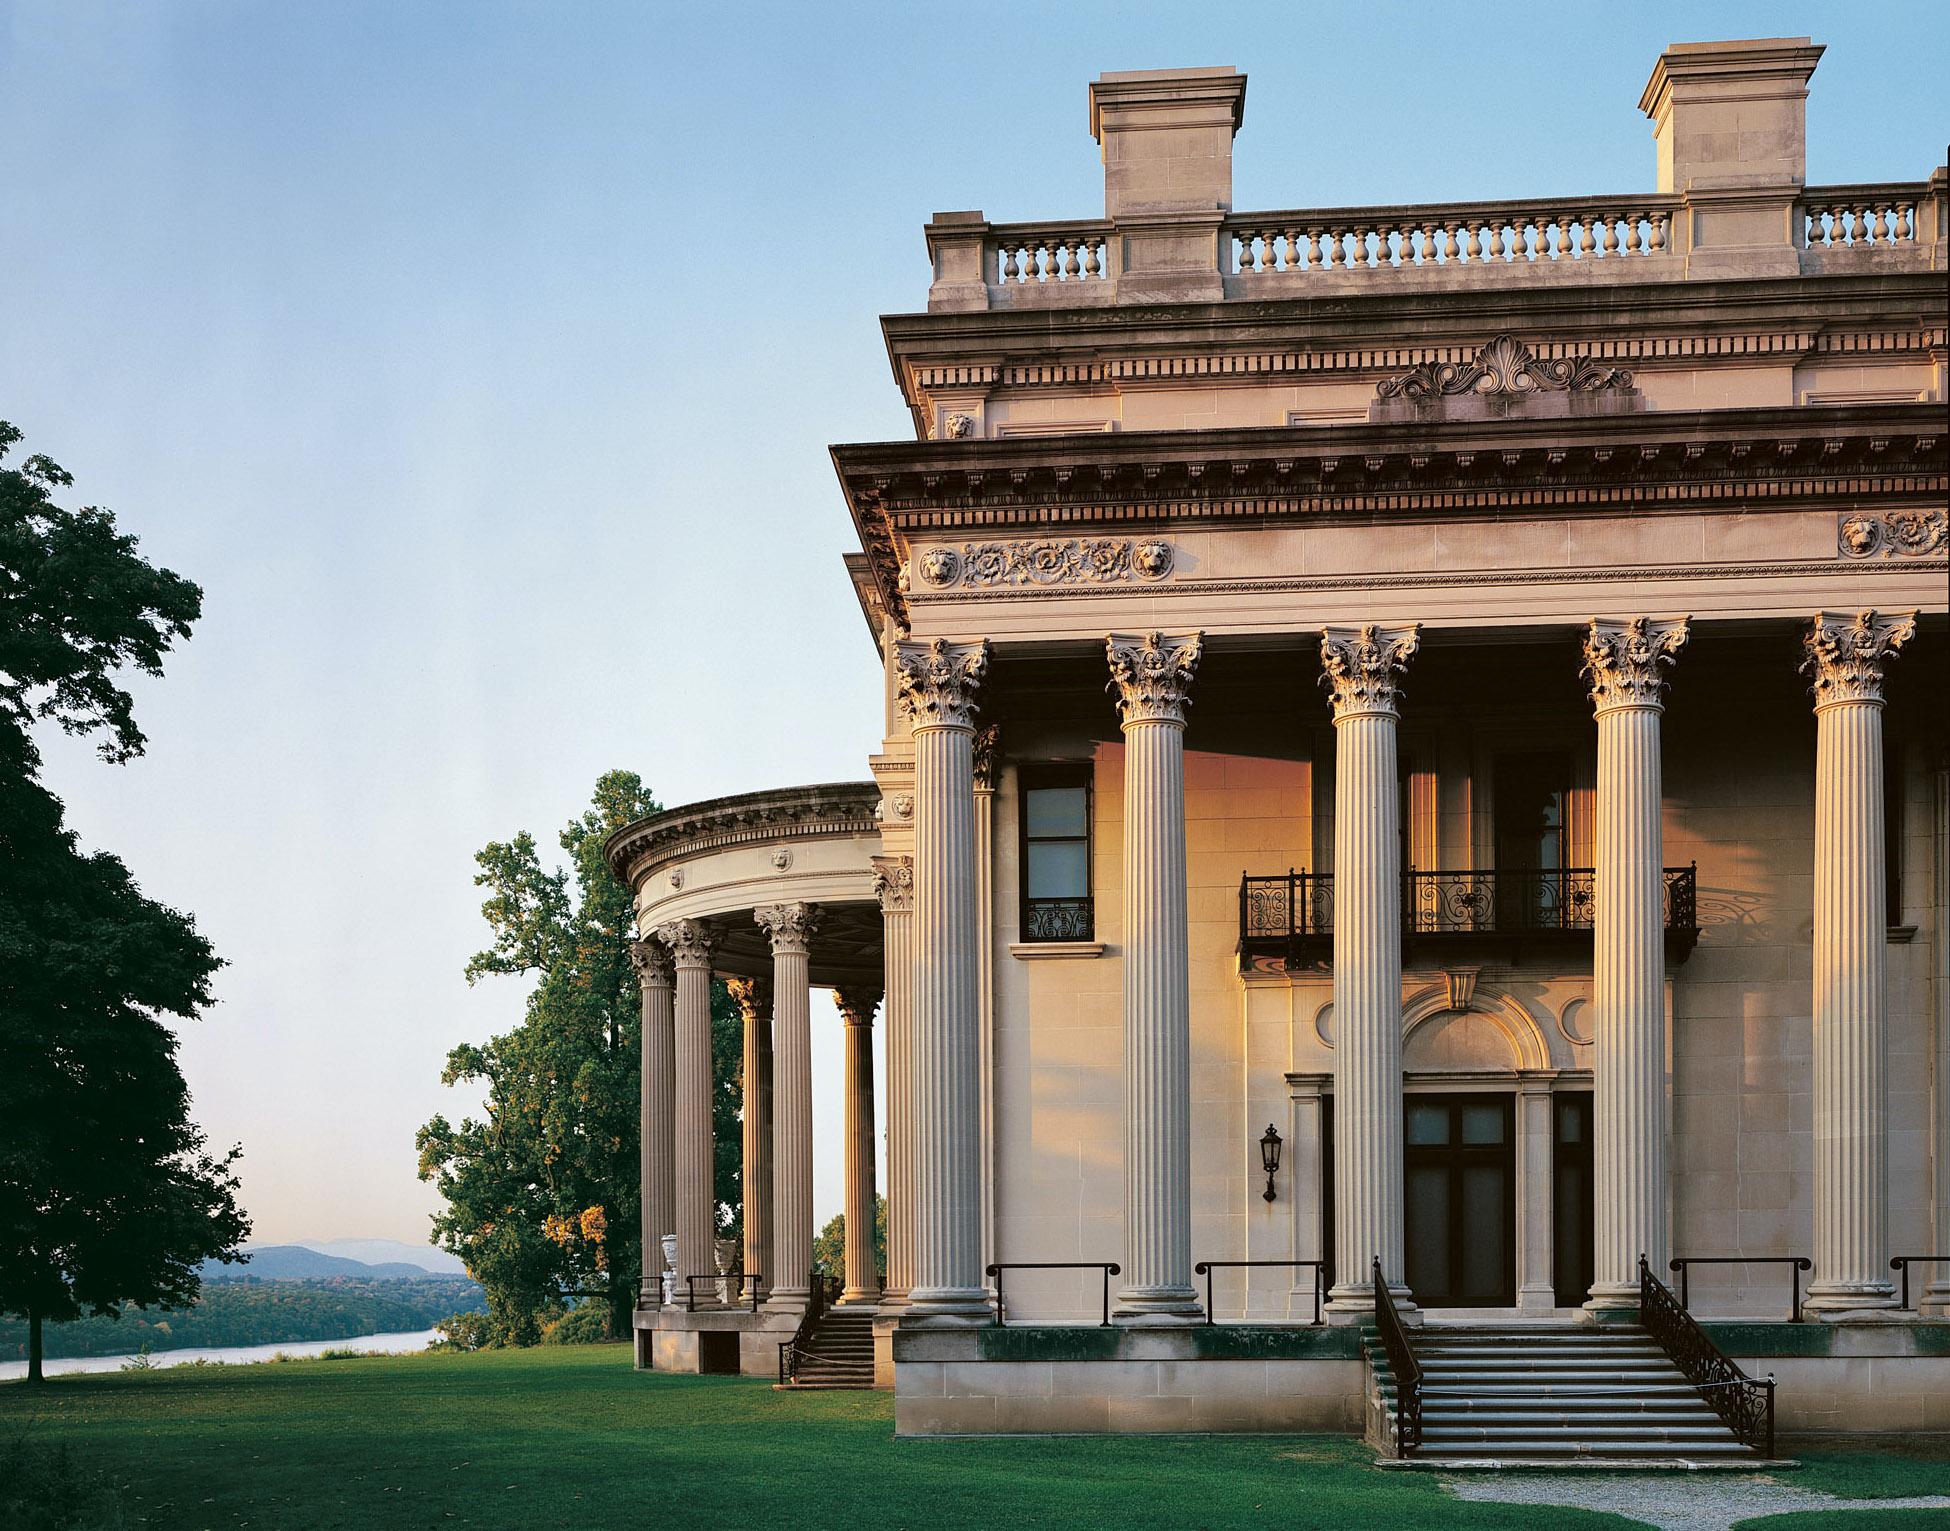 The Vanderbilt Mansion, McKim Mead & White.